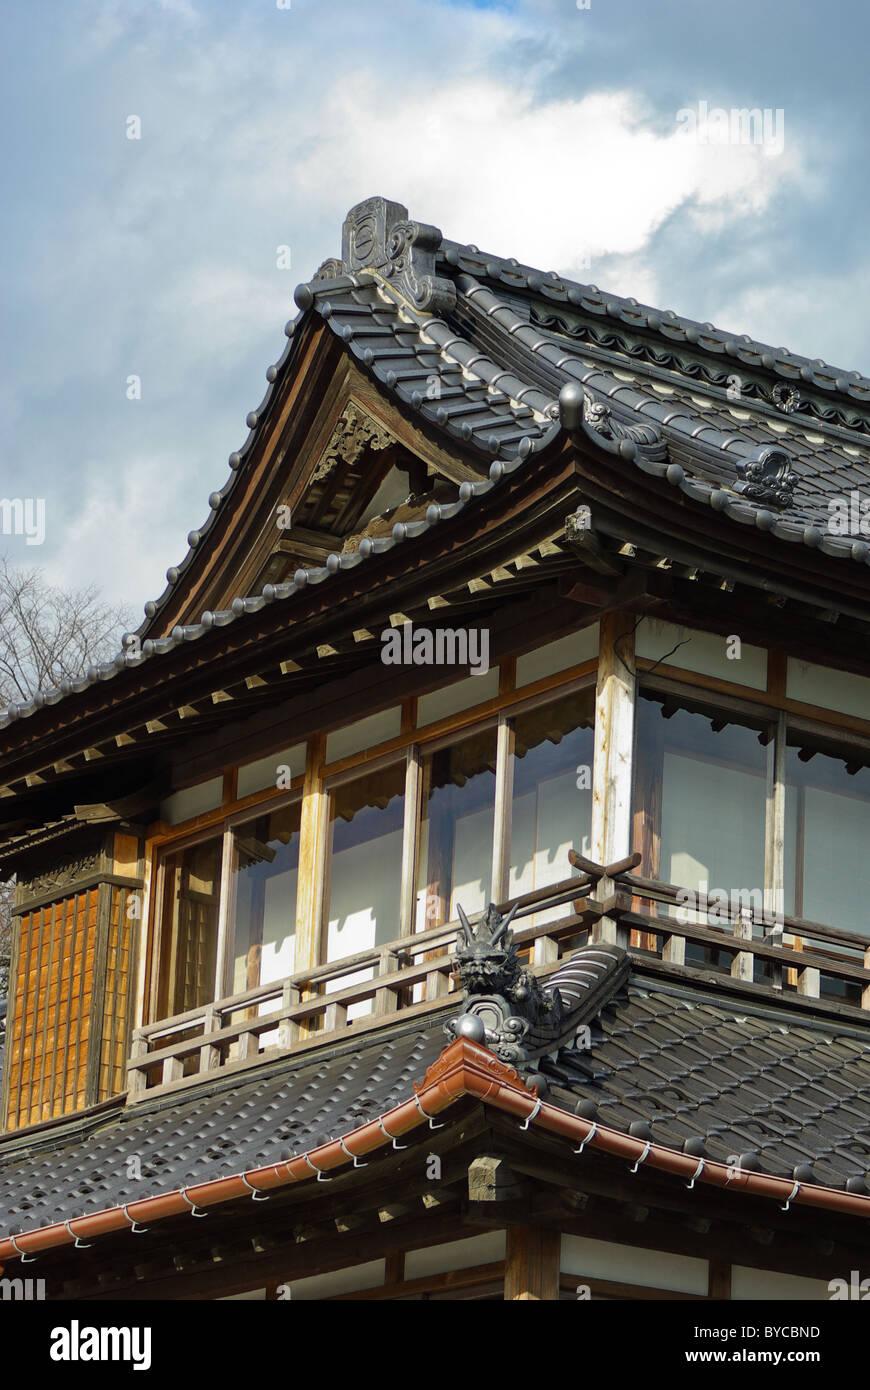 Japanisches Dach tiles detail roof stockfotos tiles detail roof bilder